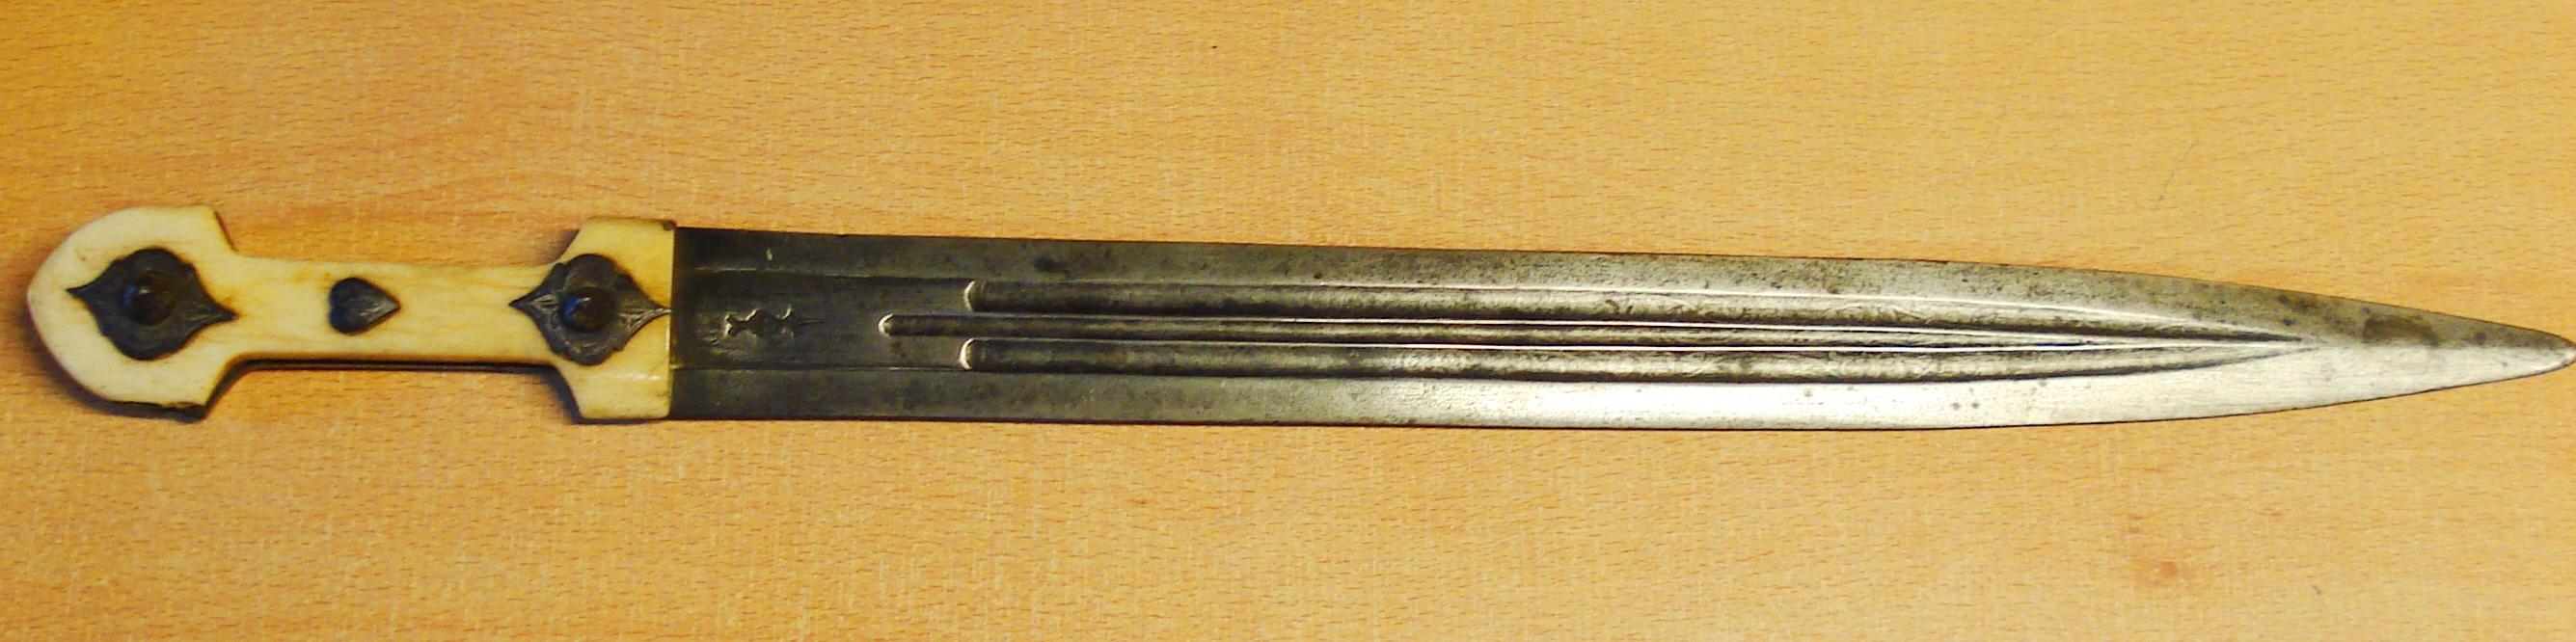 Espada corta Kindjal